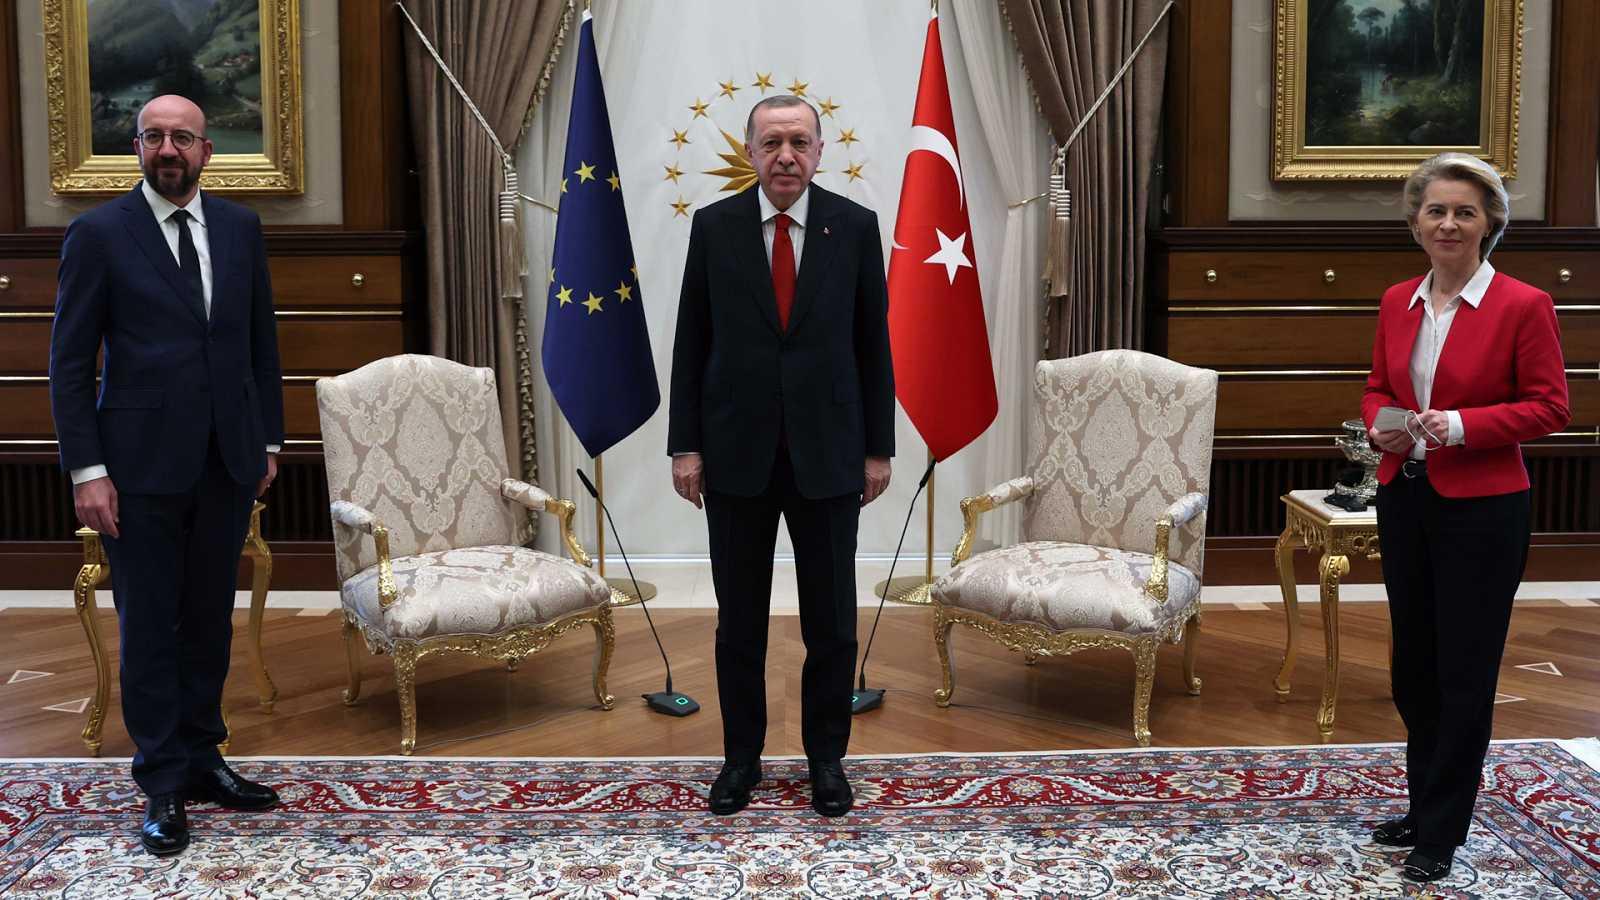 Europa abierta - La UE espera la respuesta de Turquía a su oferta de cooperación - escuchar ahora